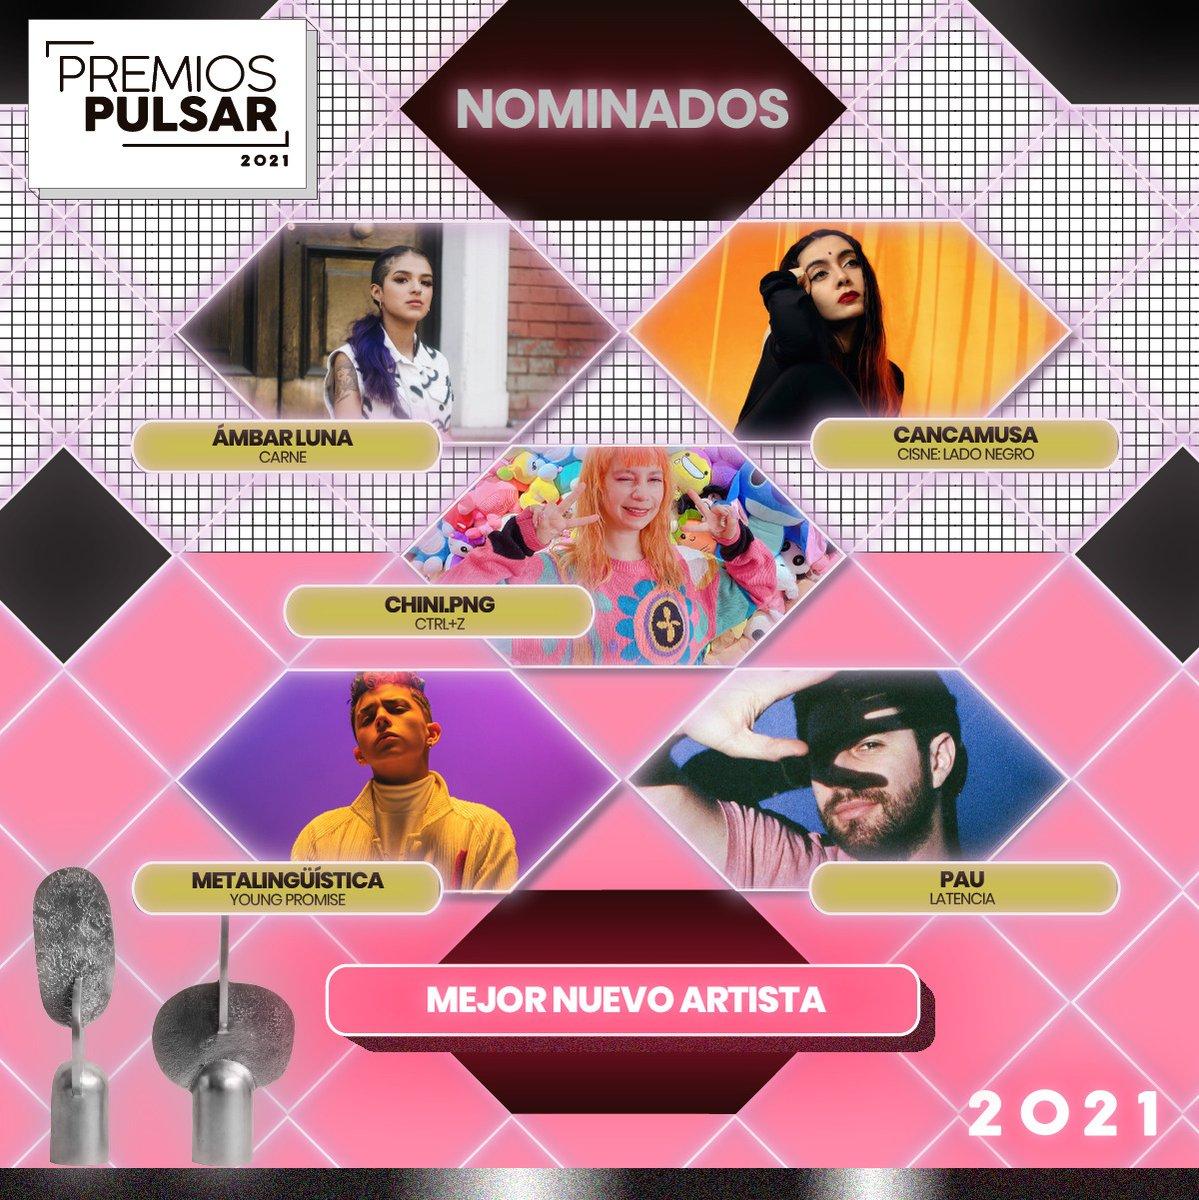 test Twitter Media - 📣 Artistas revelación con proyección y una carrera en ascenso. Estas son las nominaciones para Mejor Nuevo Artista de la #músicachilena en #PremiosPulsar2021 ⬇️ https://t.co/w2cz0YIUdZ https://t.co/15WebEcMei